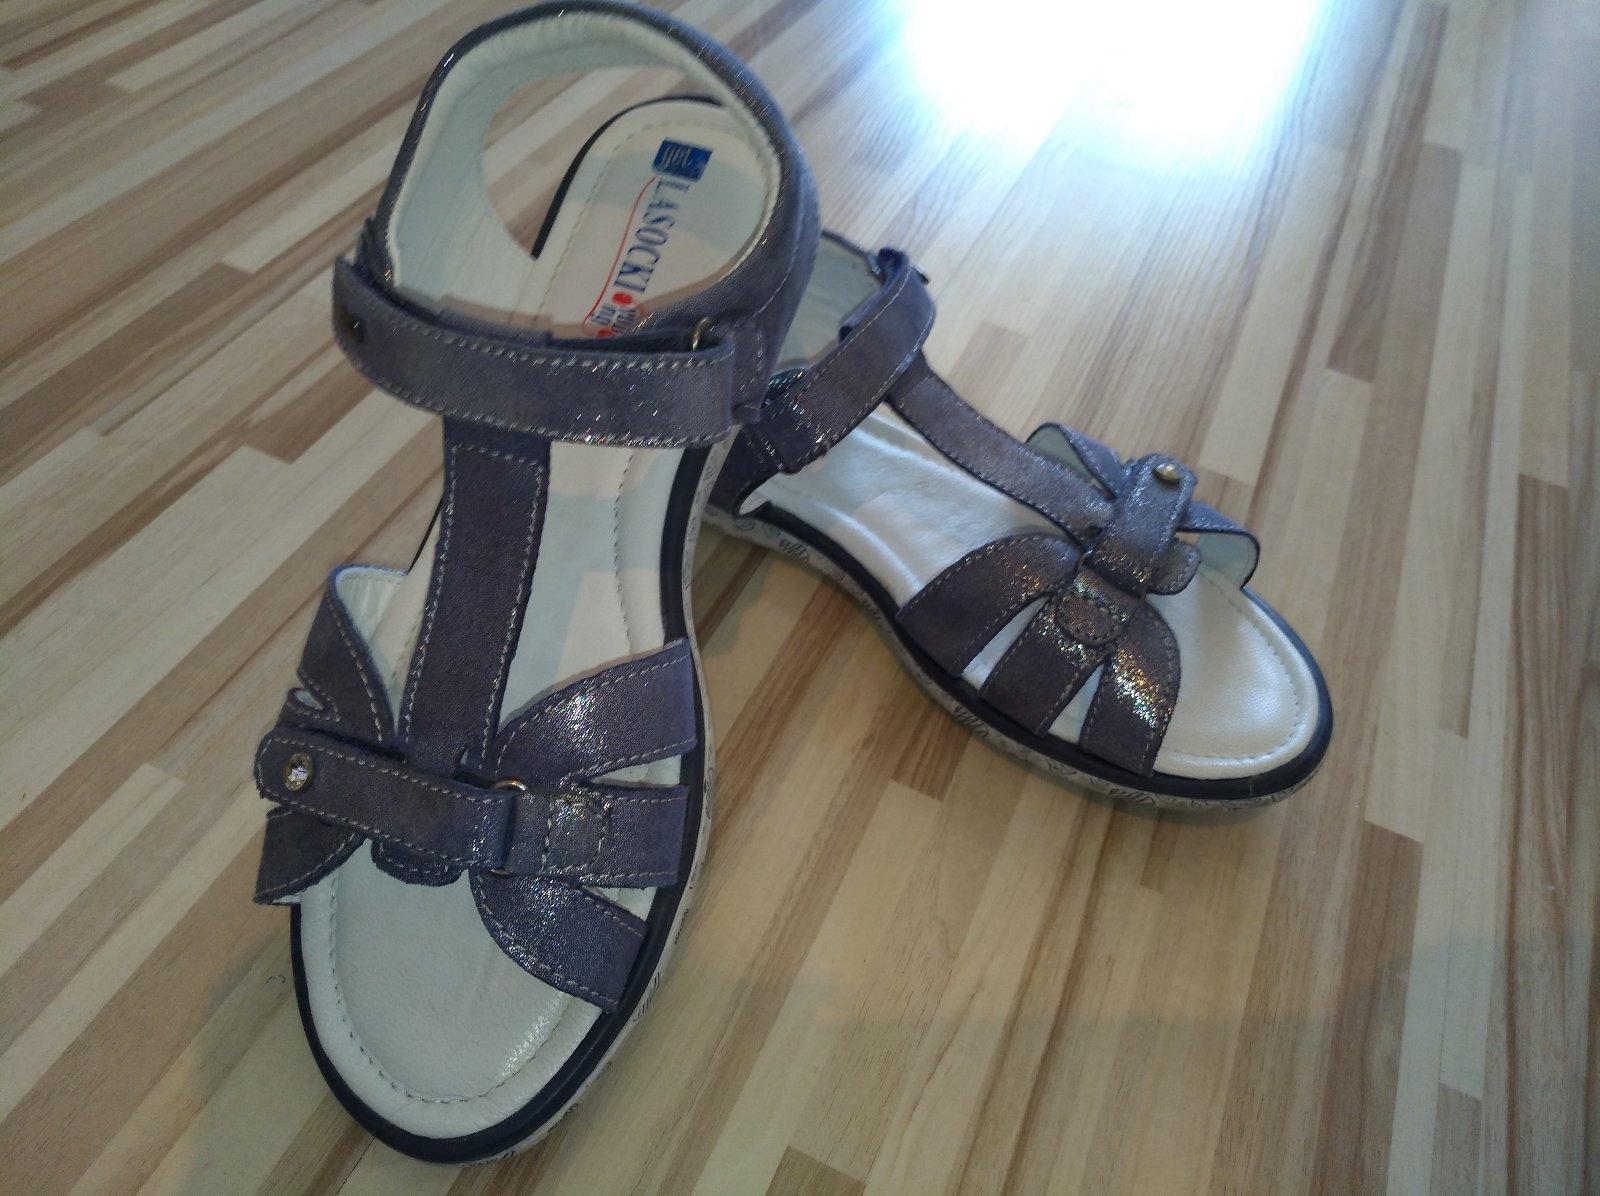 c38dd4182a4c Dievčenské sandale 35